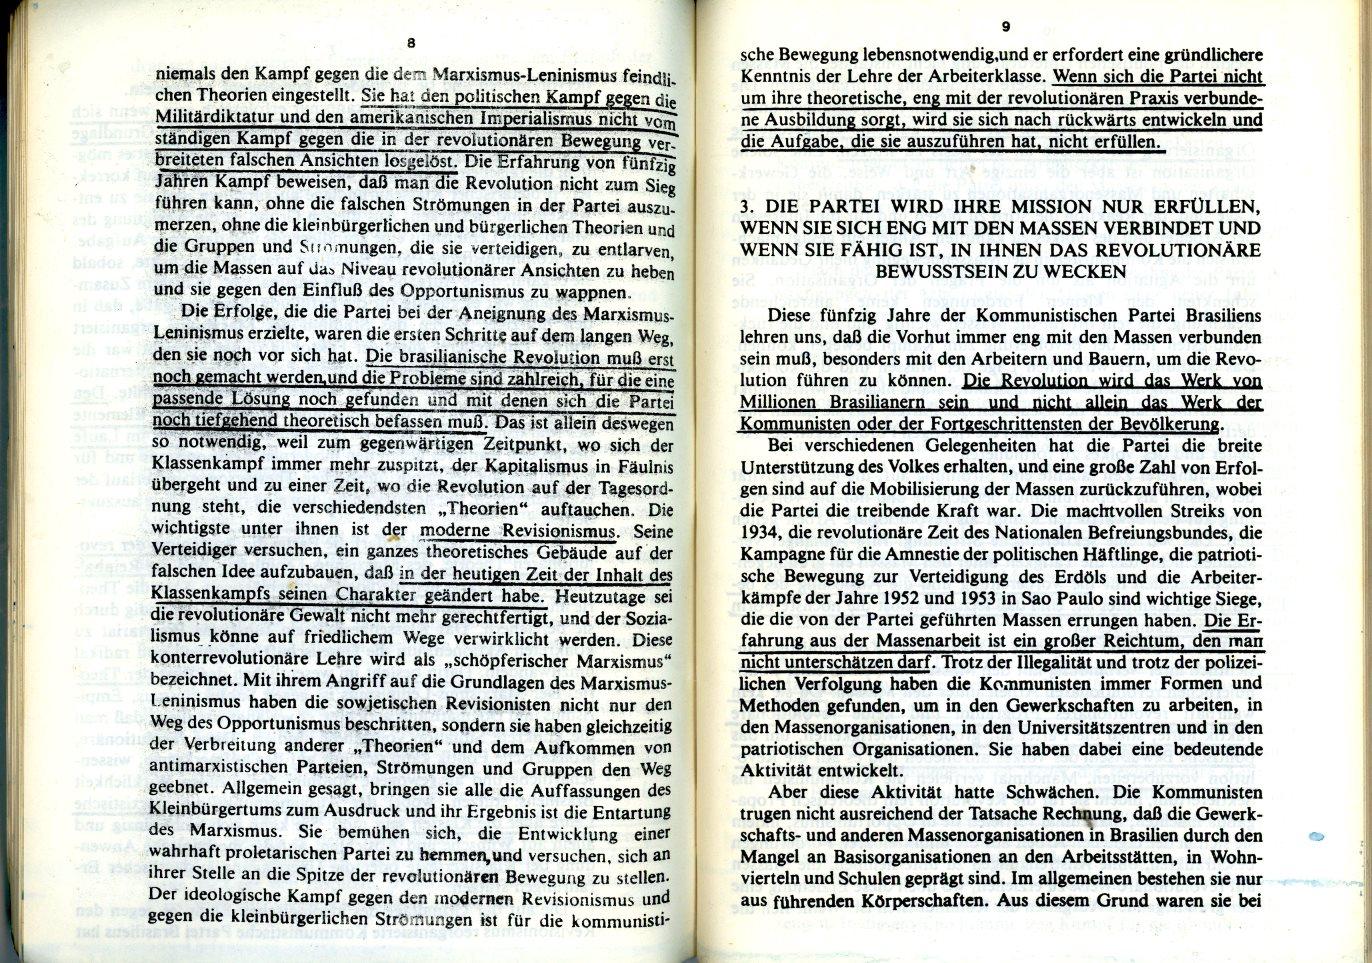 MLSK_Theorie_und_Praxis_des_ML_1978_20_13